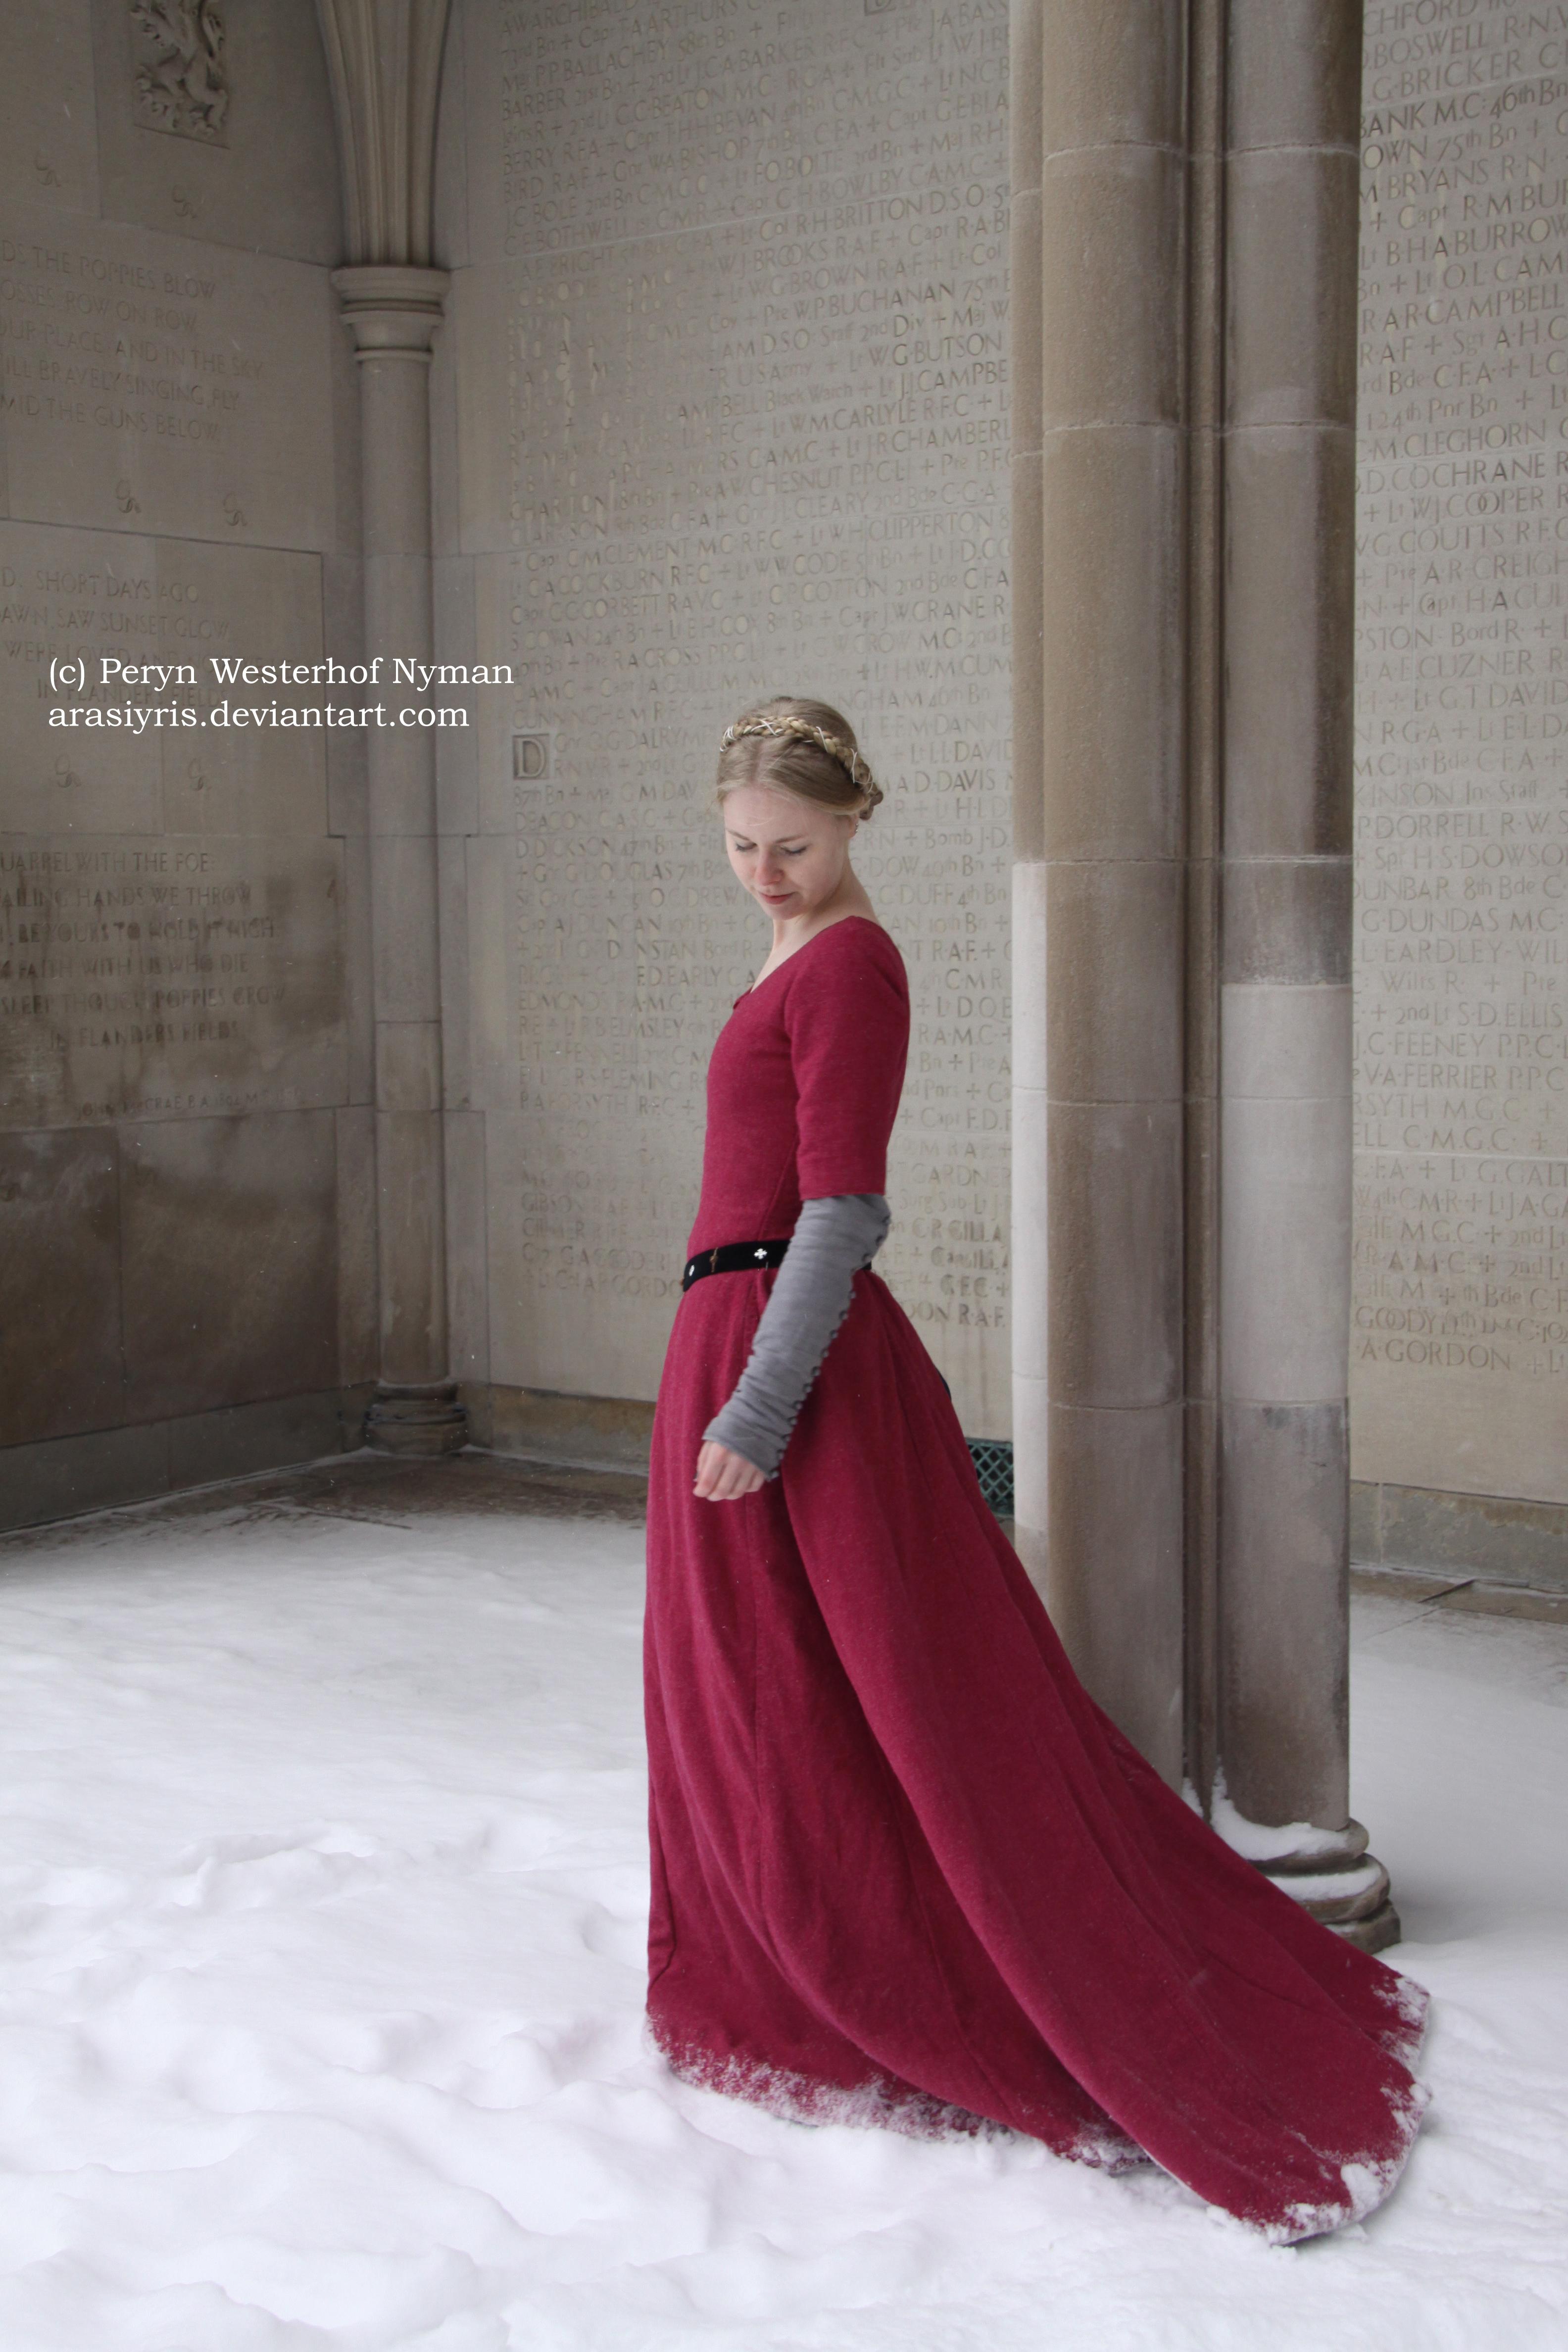 Isabel Northwode Costumes: Wool Cotehardie and Liripipe Hood